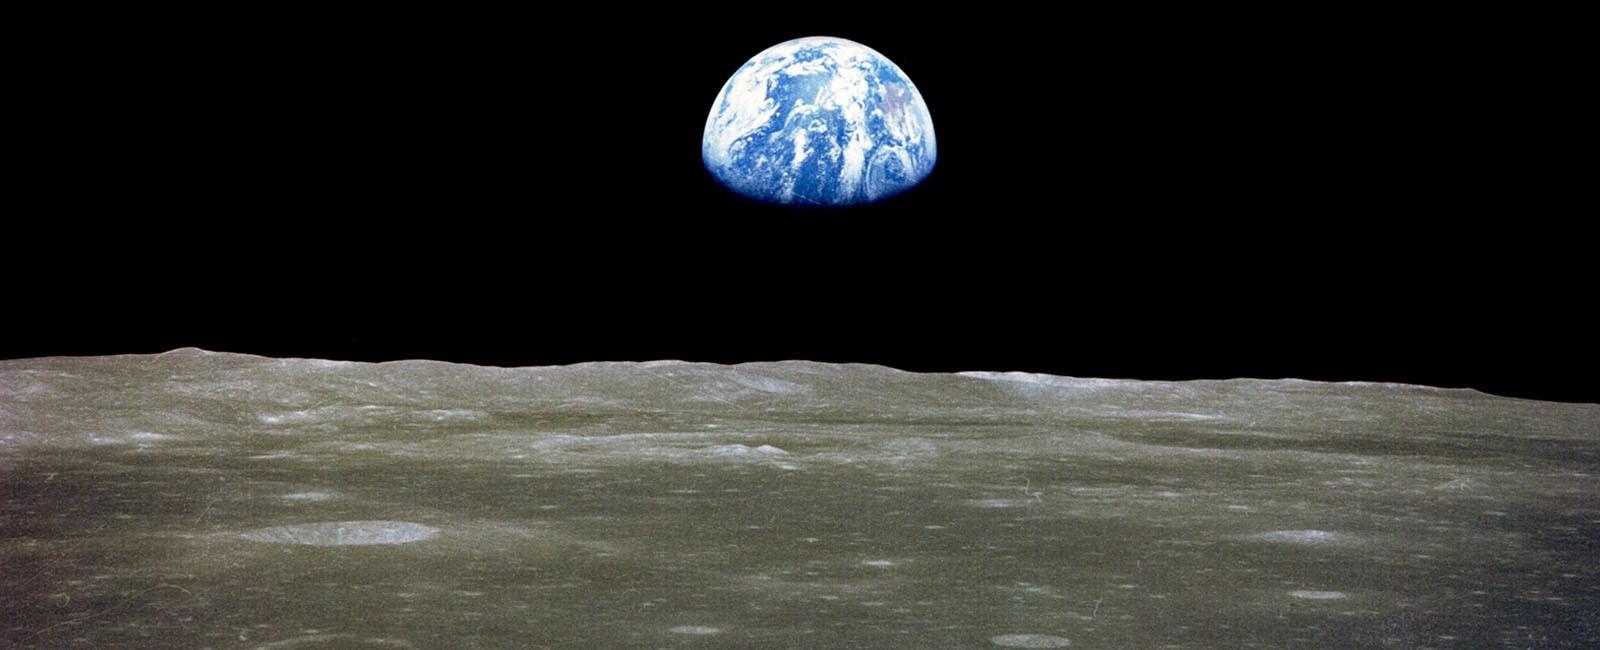 LUNA DESDE LA TIERRA APOLO 11 NASA